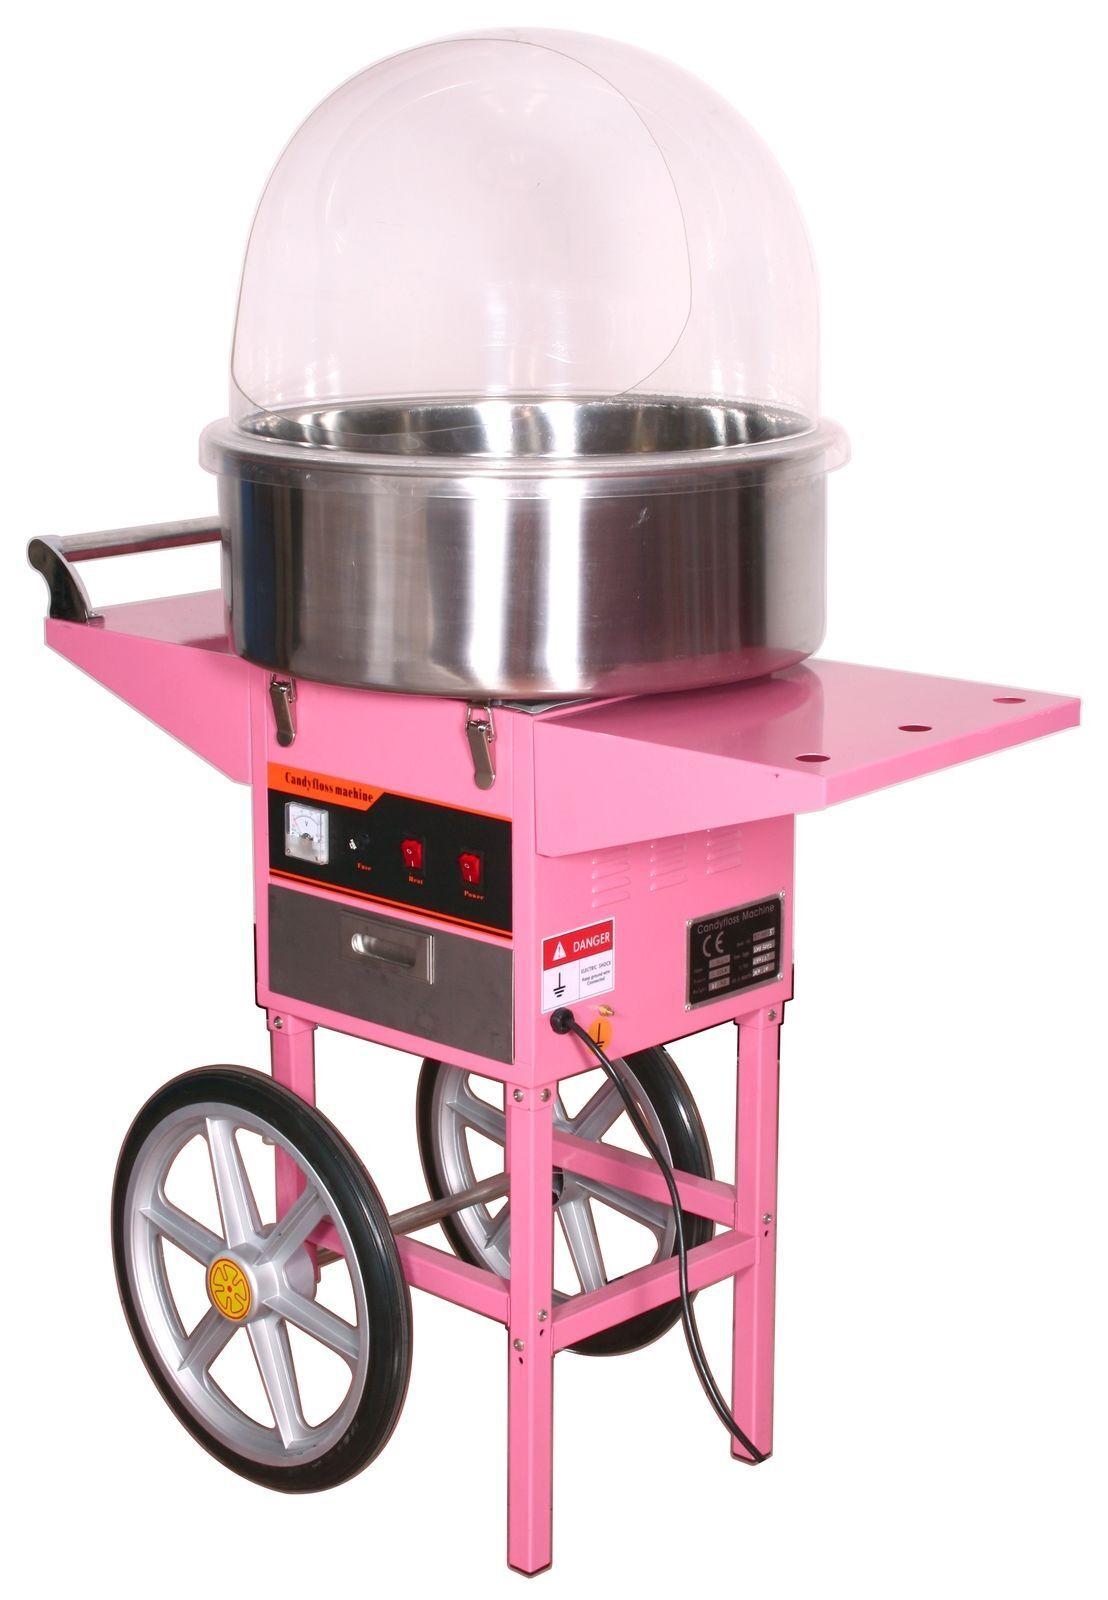 Cotton Candy Floss Maker Machine/Housse avec panier, JOUR OUVRABLE SUIVANT livraison livraison SUIVANT NEUF 87532a